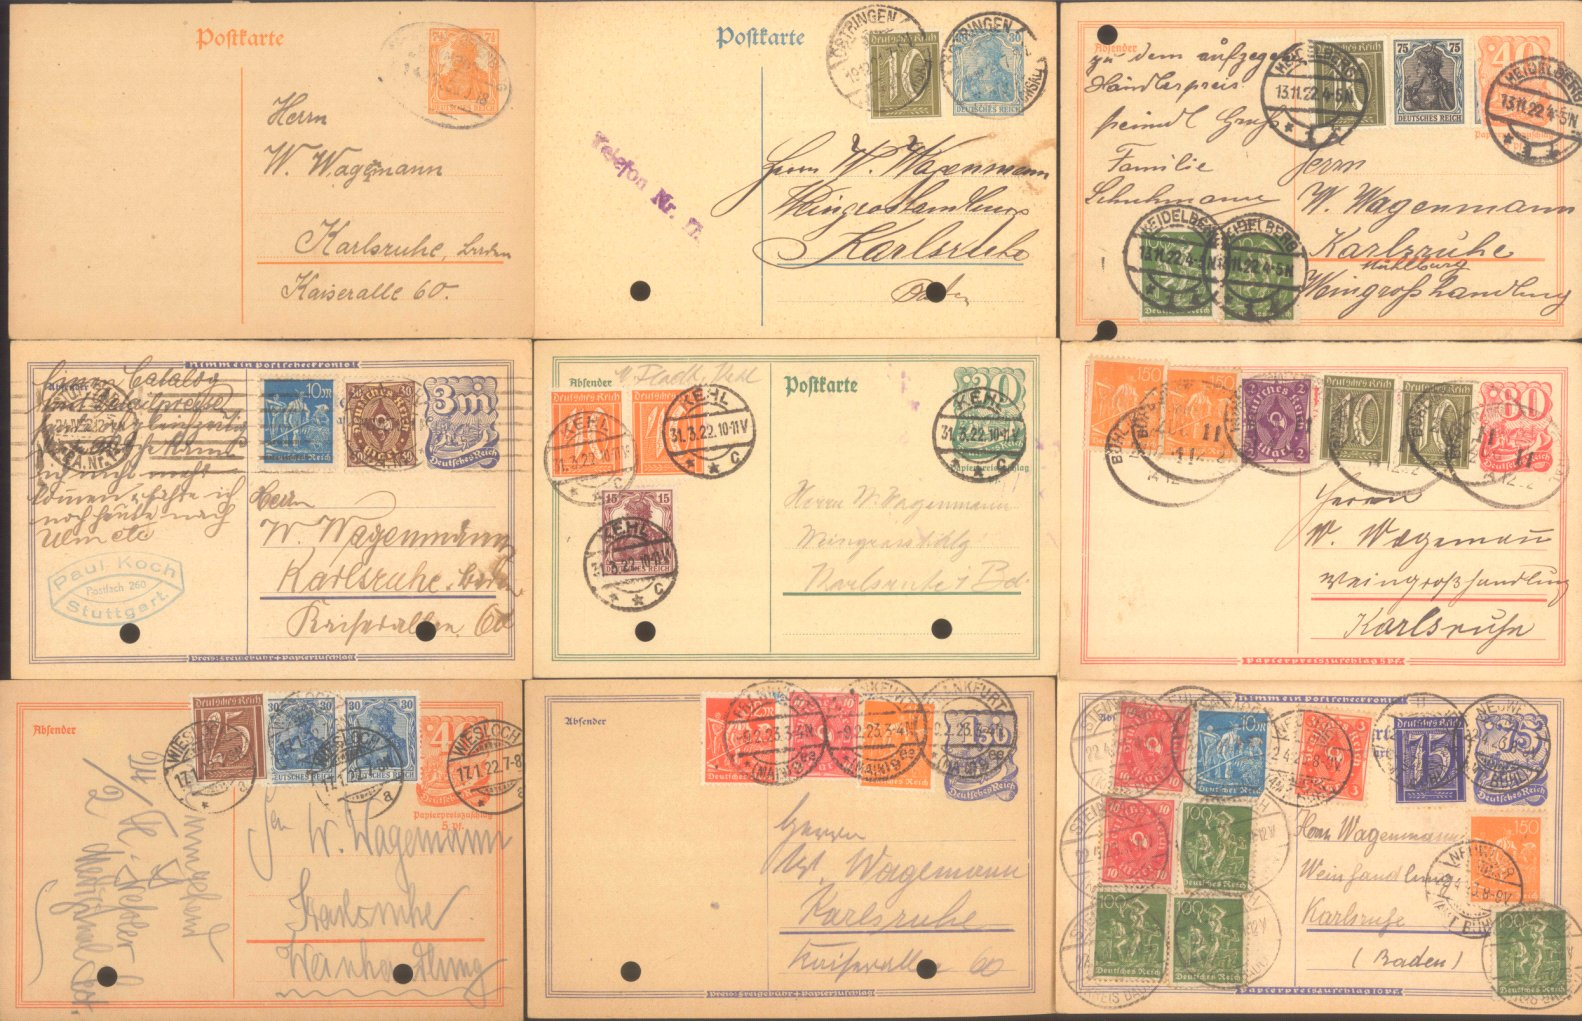 DEUTSCHES REICH INFLATION 1918-1922